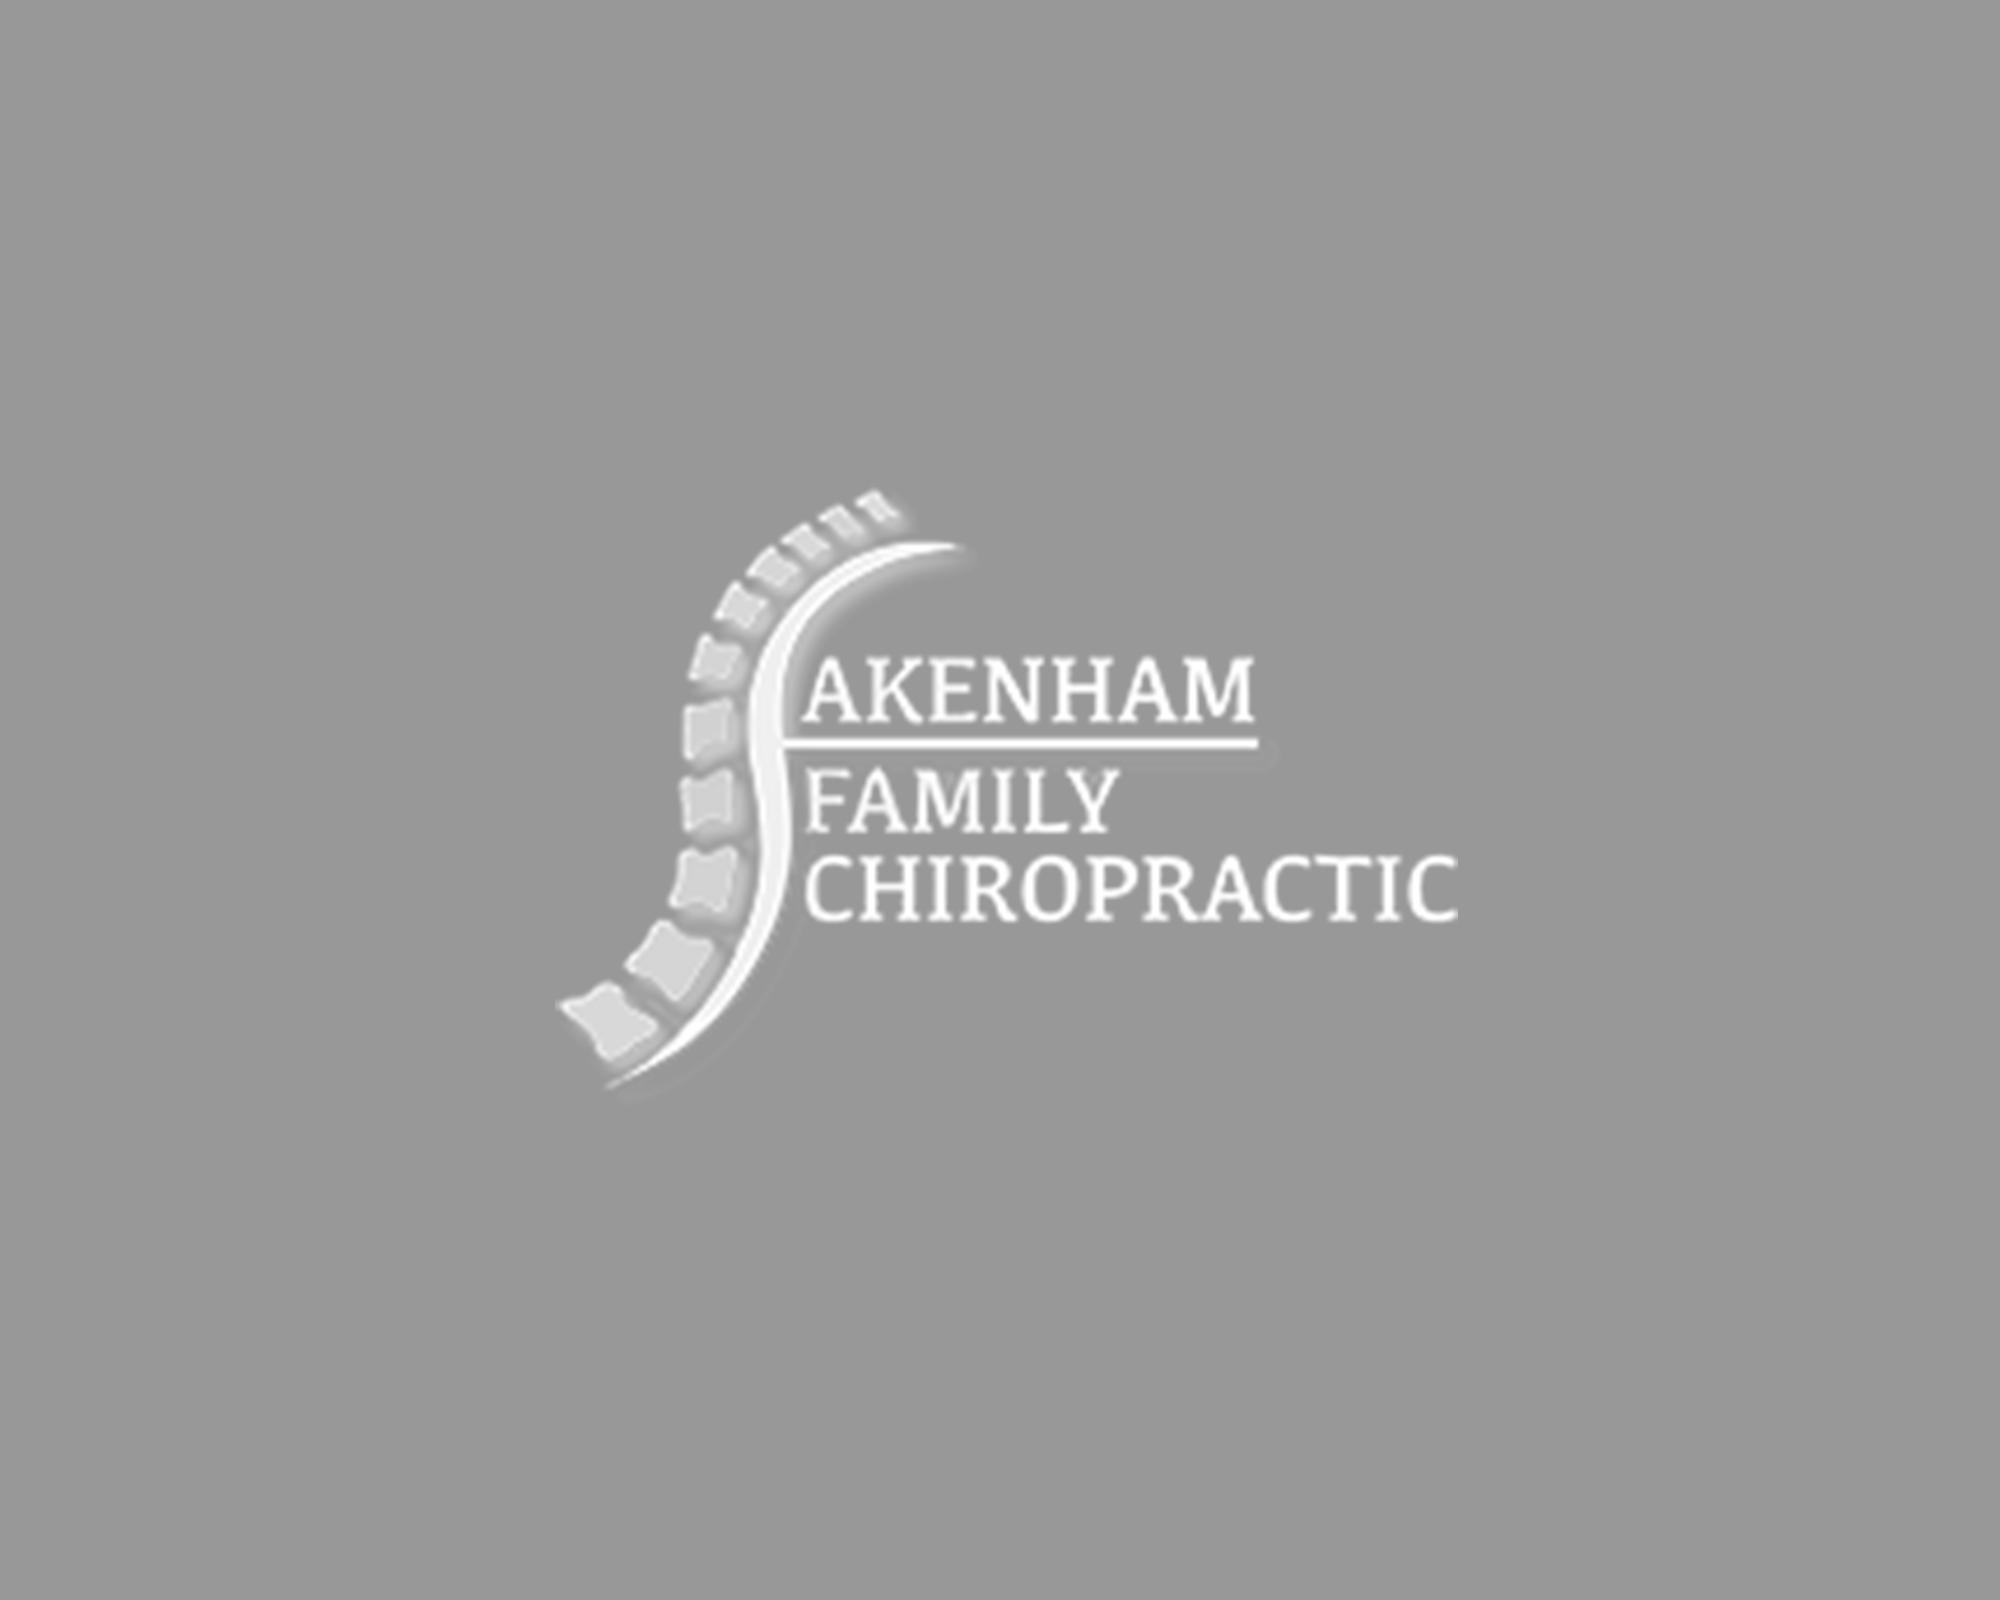 fakenham family chiropractic Logo